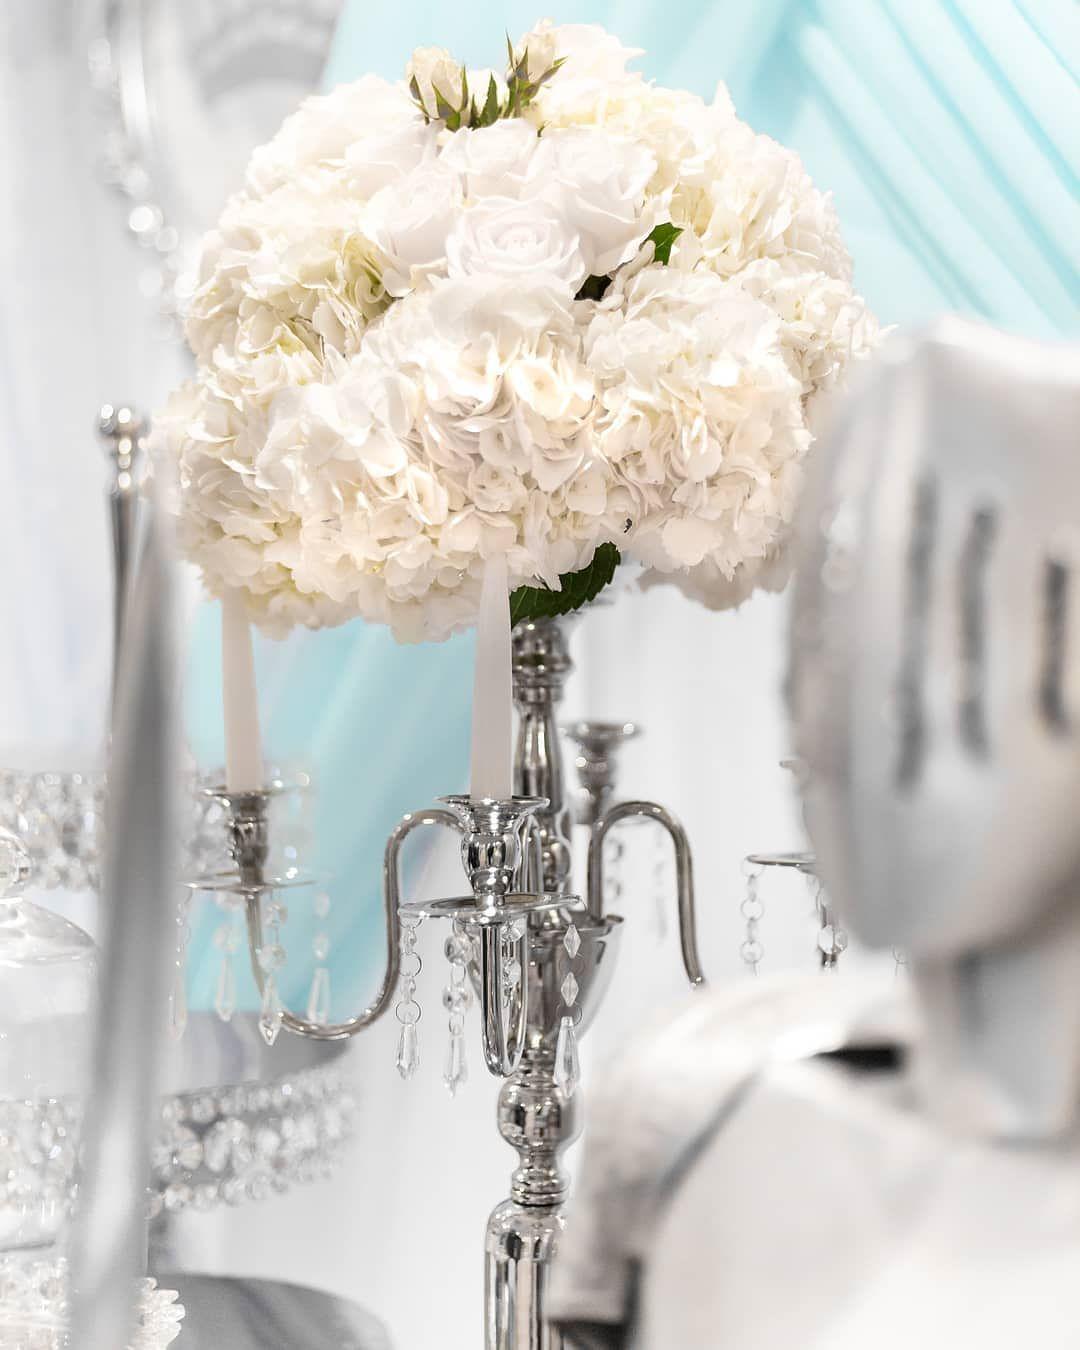 centros de mesa para bodas 2019